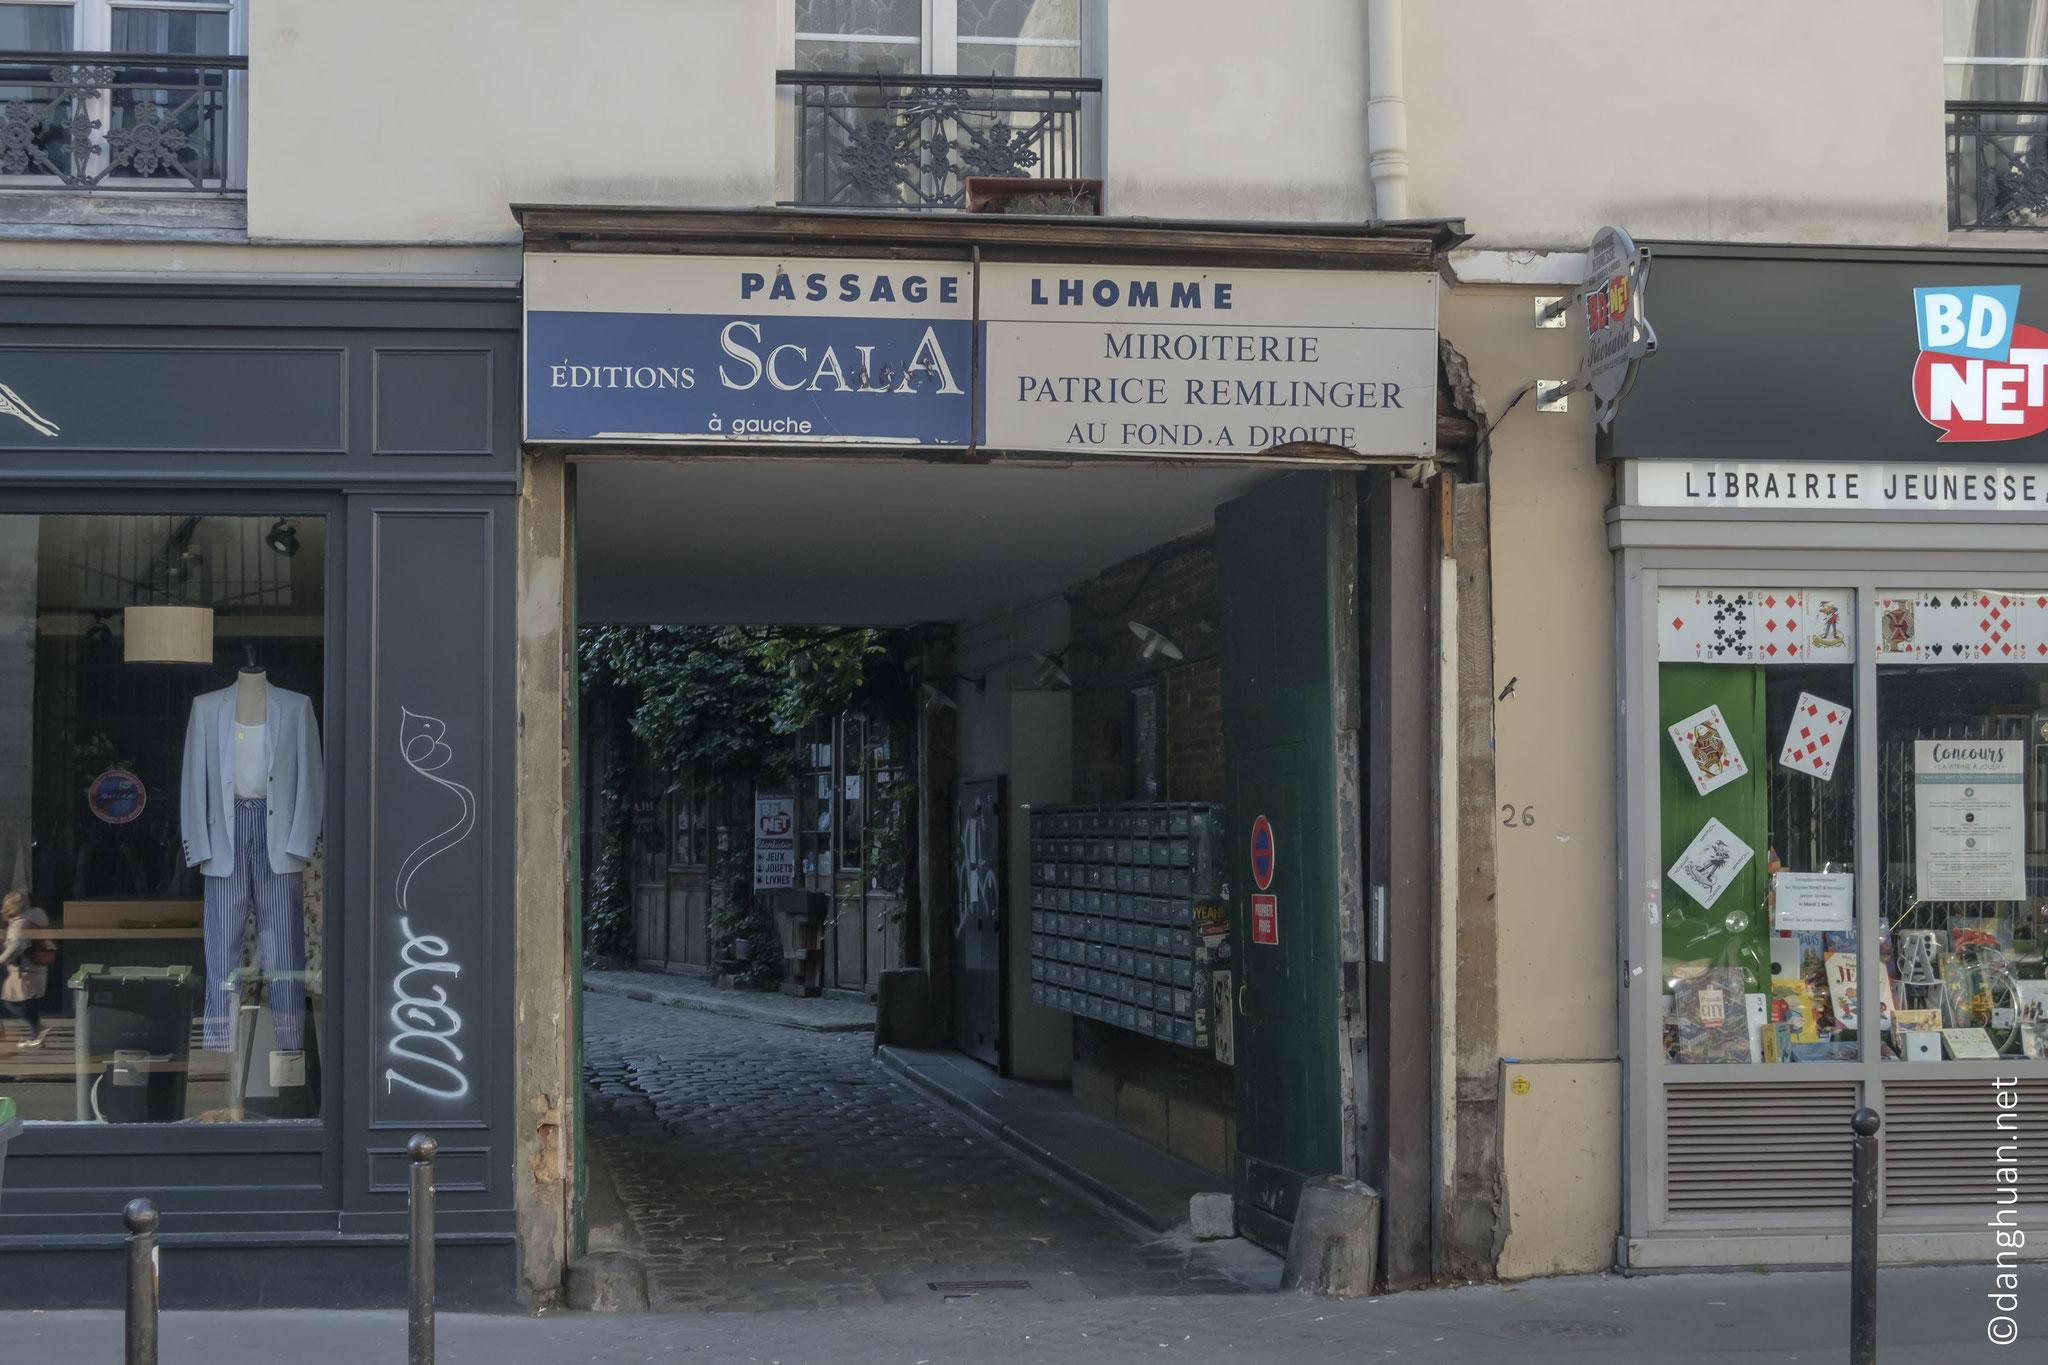 Passage Lhomme : reliant l'Avenue Ledru Rollin et la Rue de Charonne ...